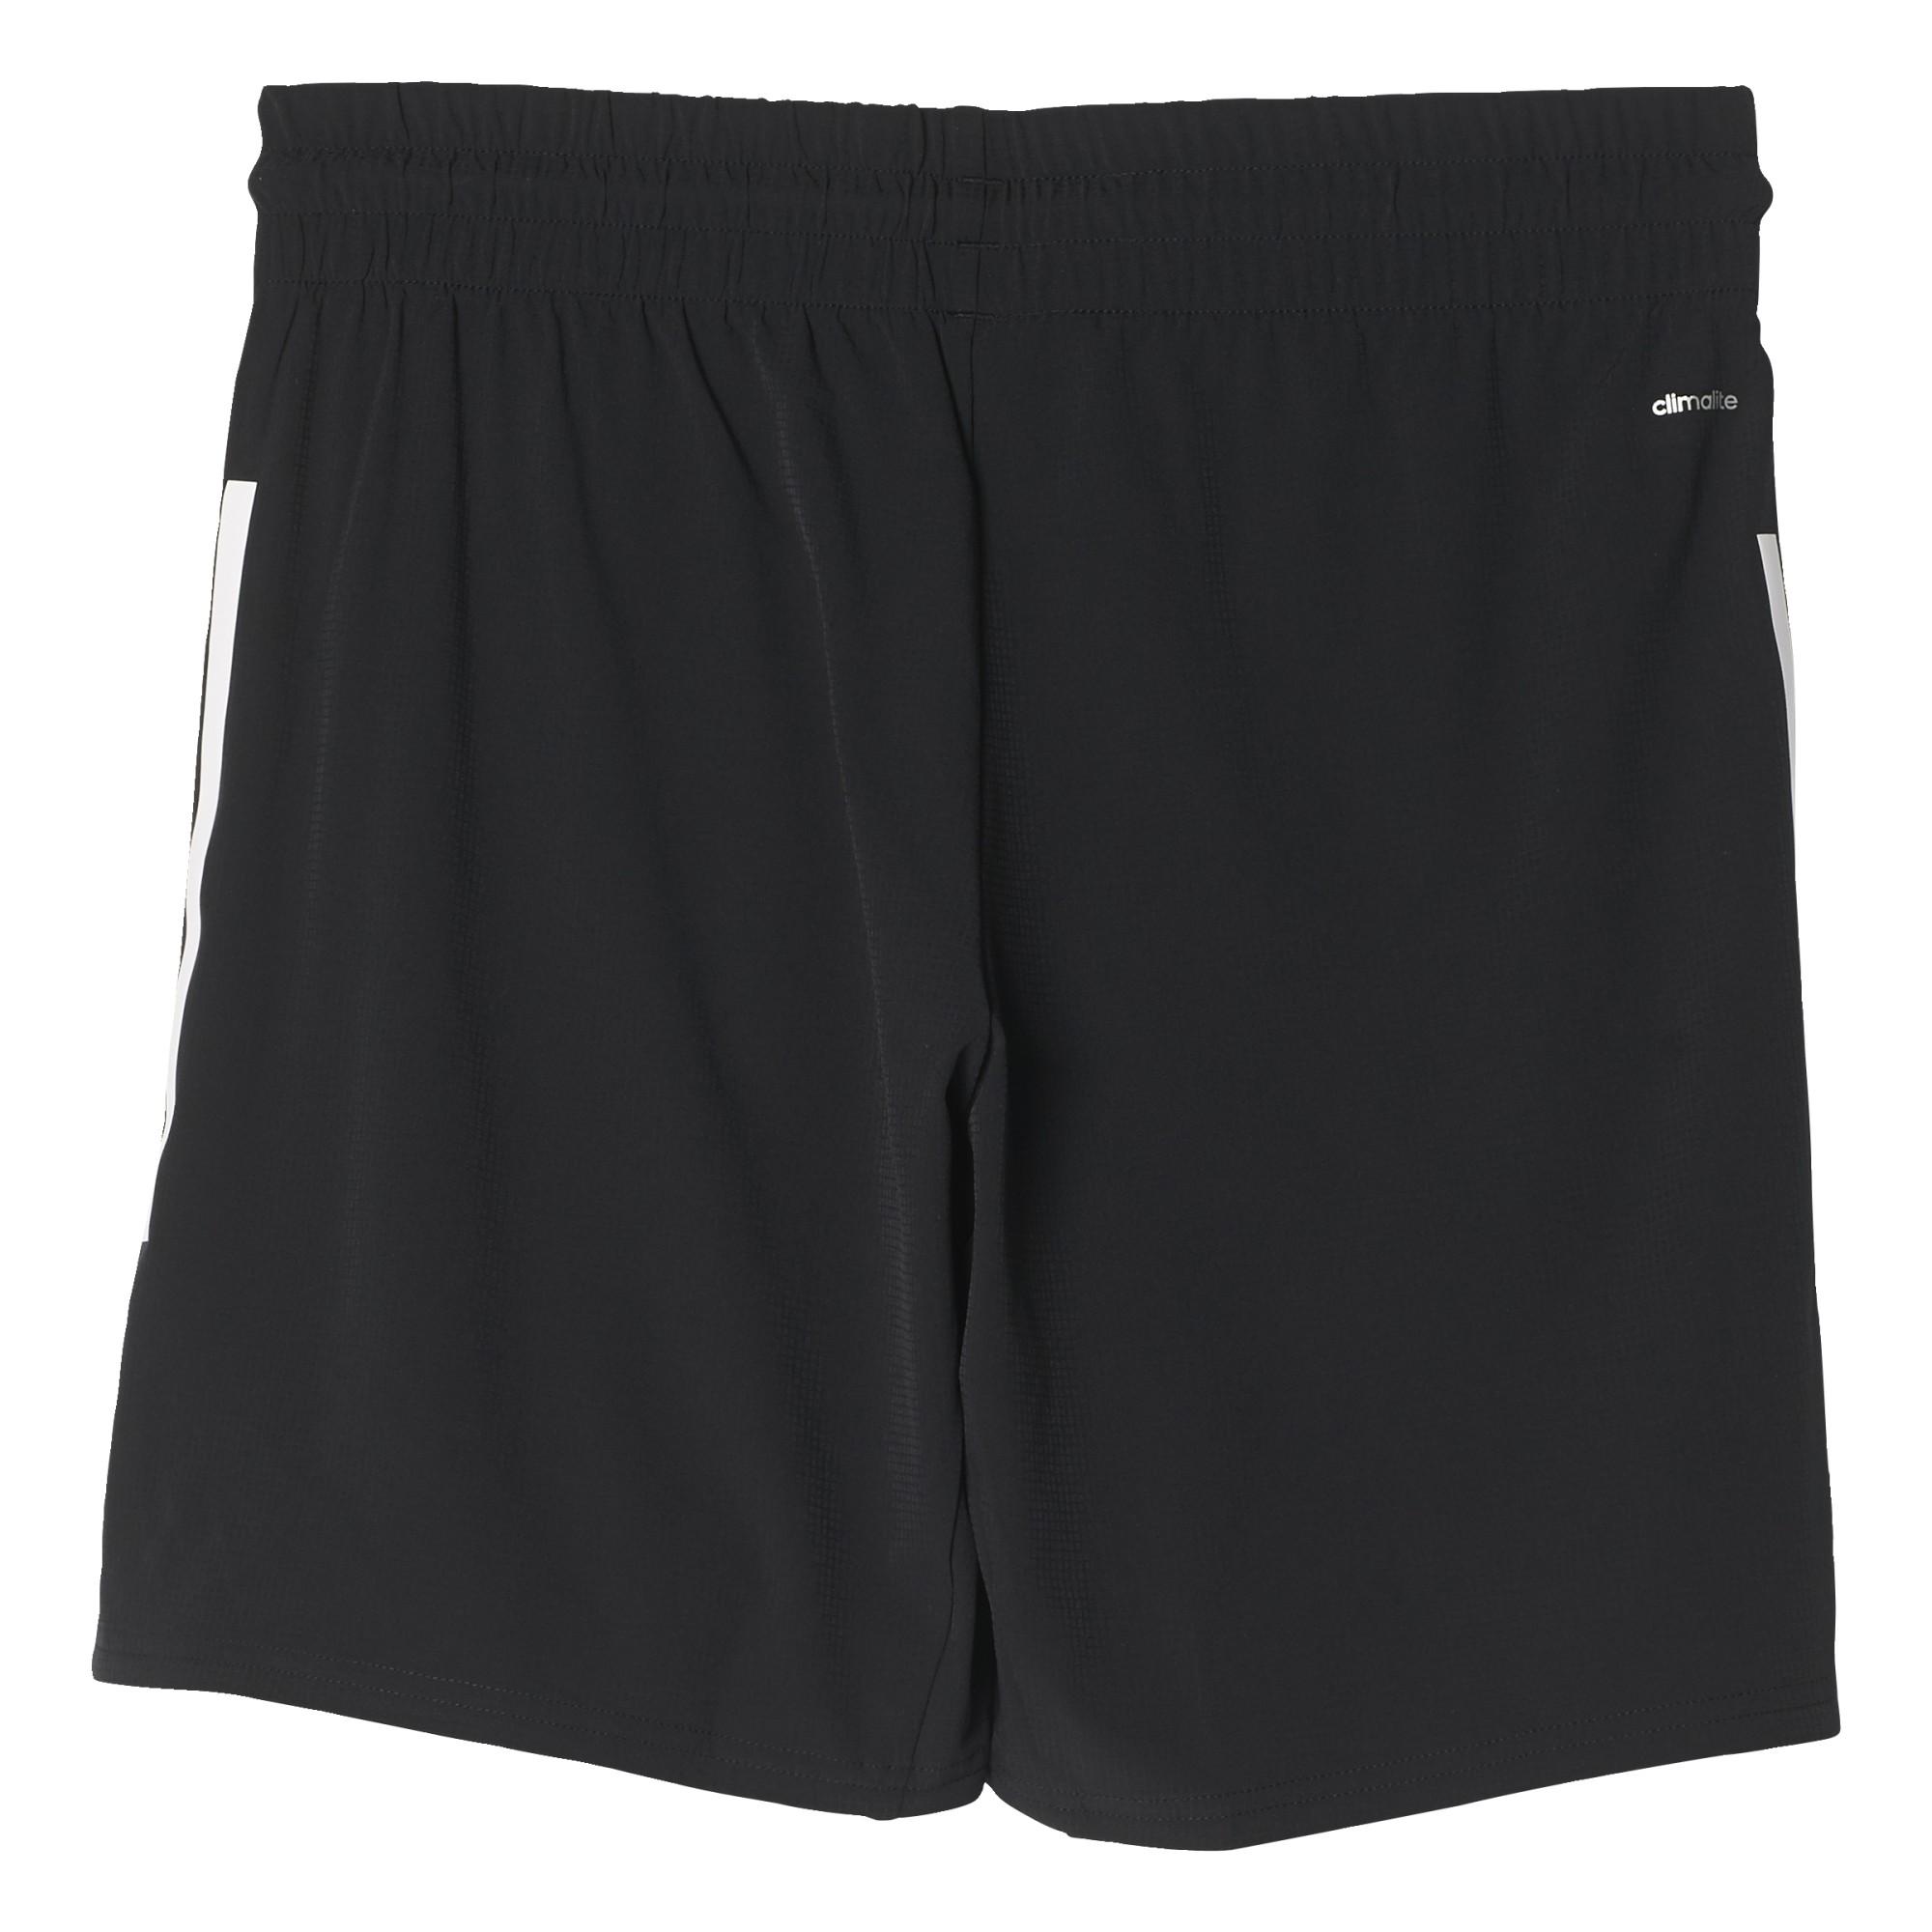 adidas Woven Short - Laufhosen für Damen - Schwarz